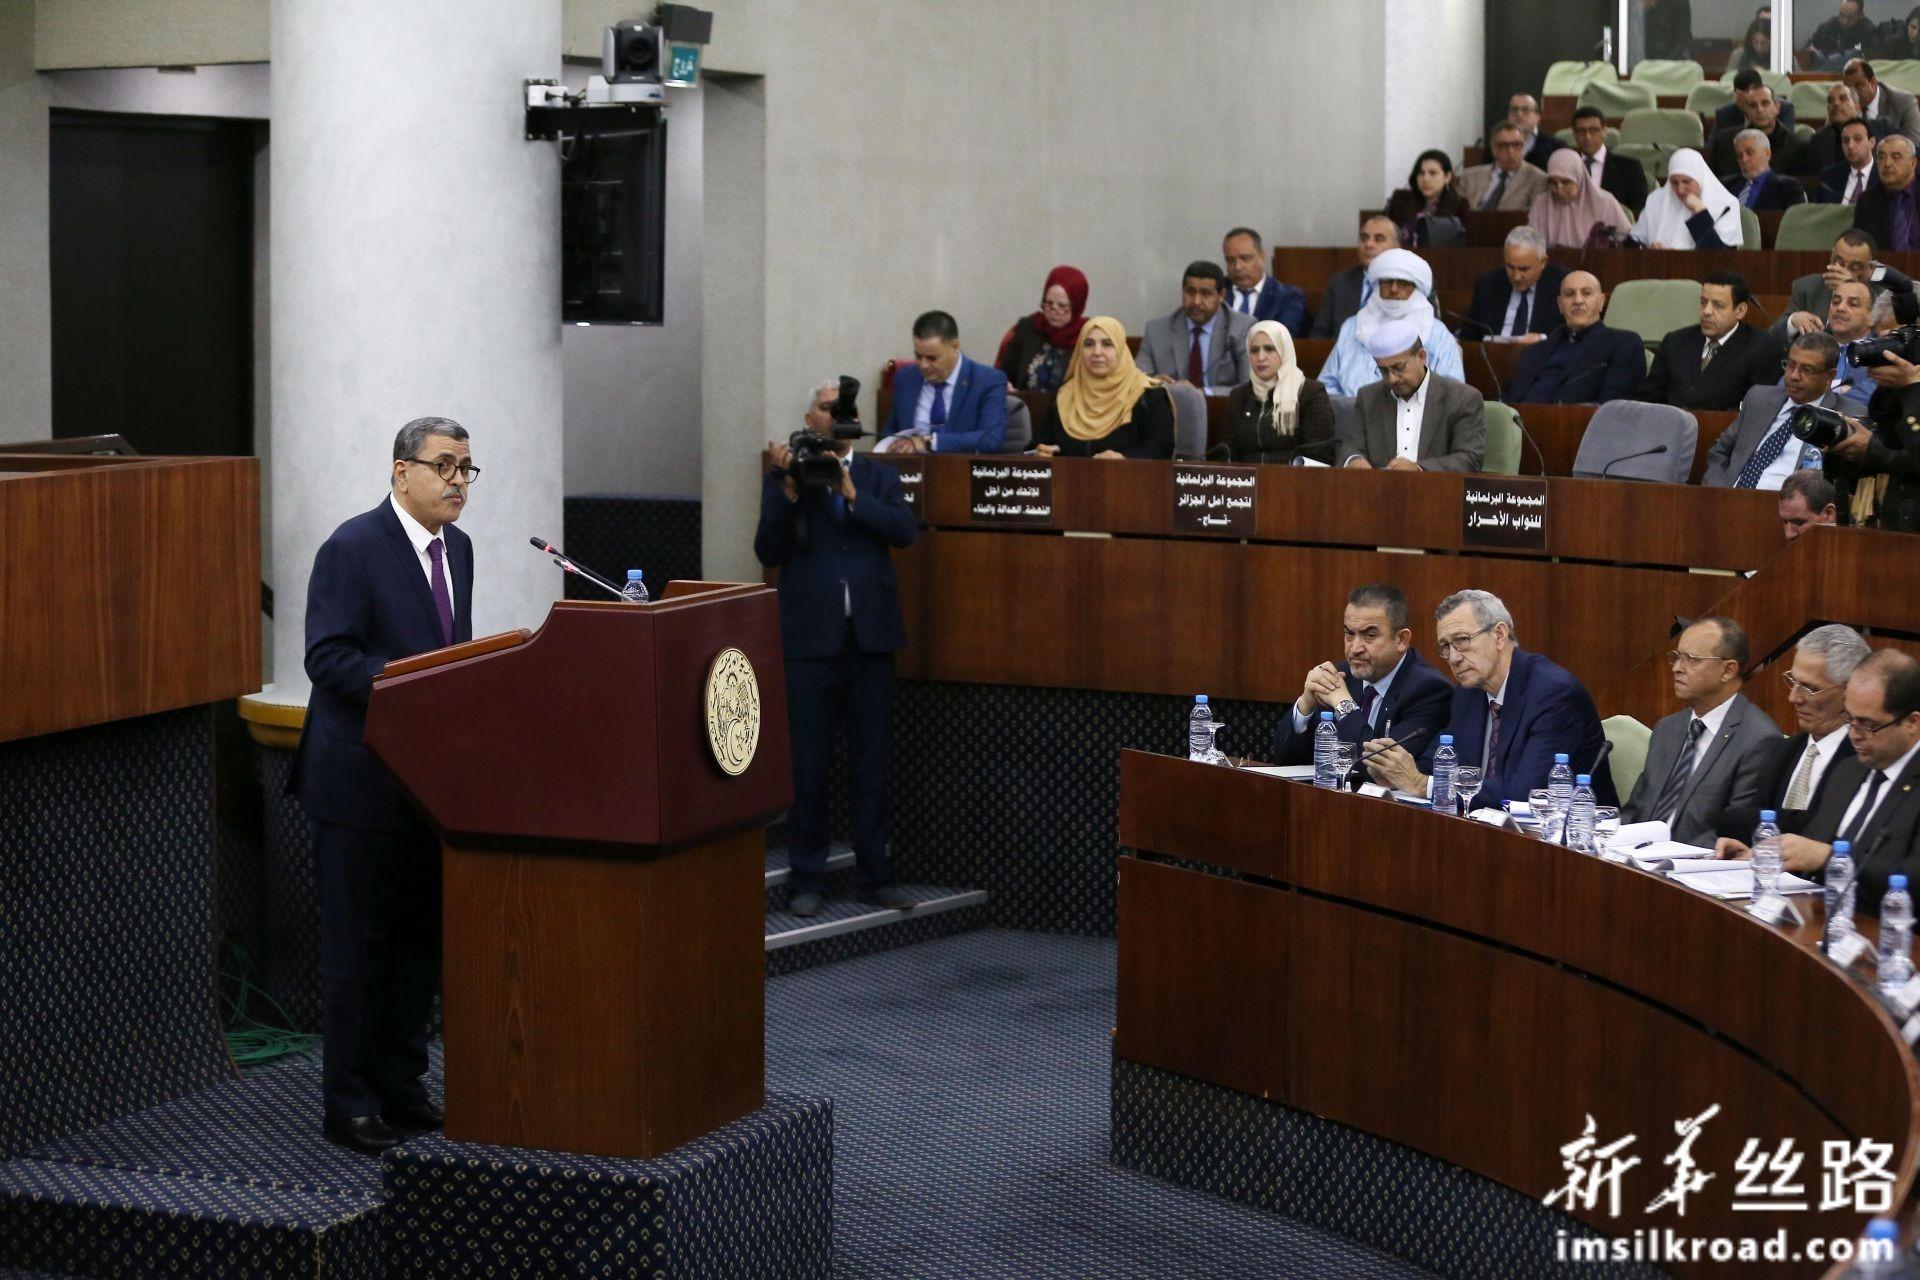 2月11日,在阿尔及利亚首都阿尔及尔,阿尔及利亚总理阿卜杜勒-阿齐兹·杰拉德在议会讲话。新华社发